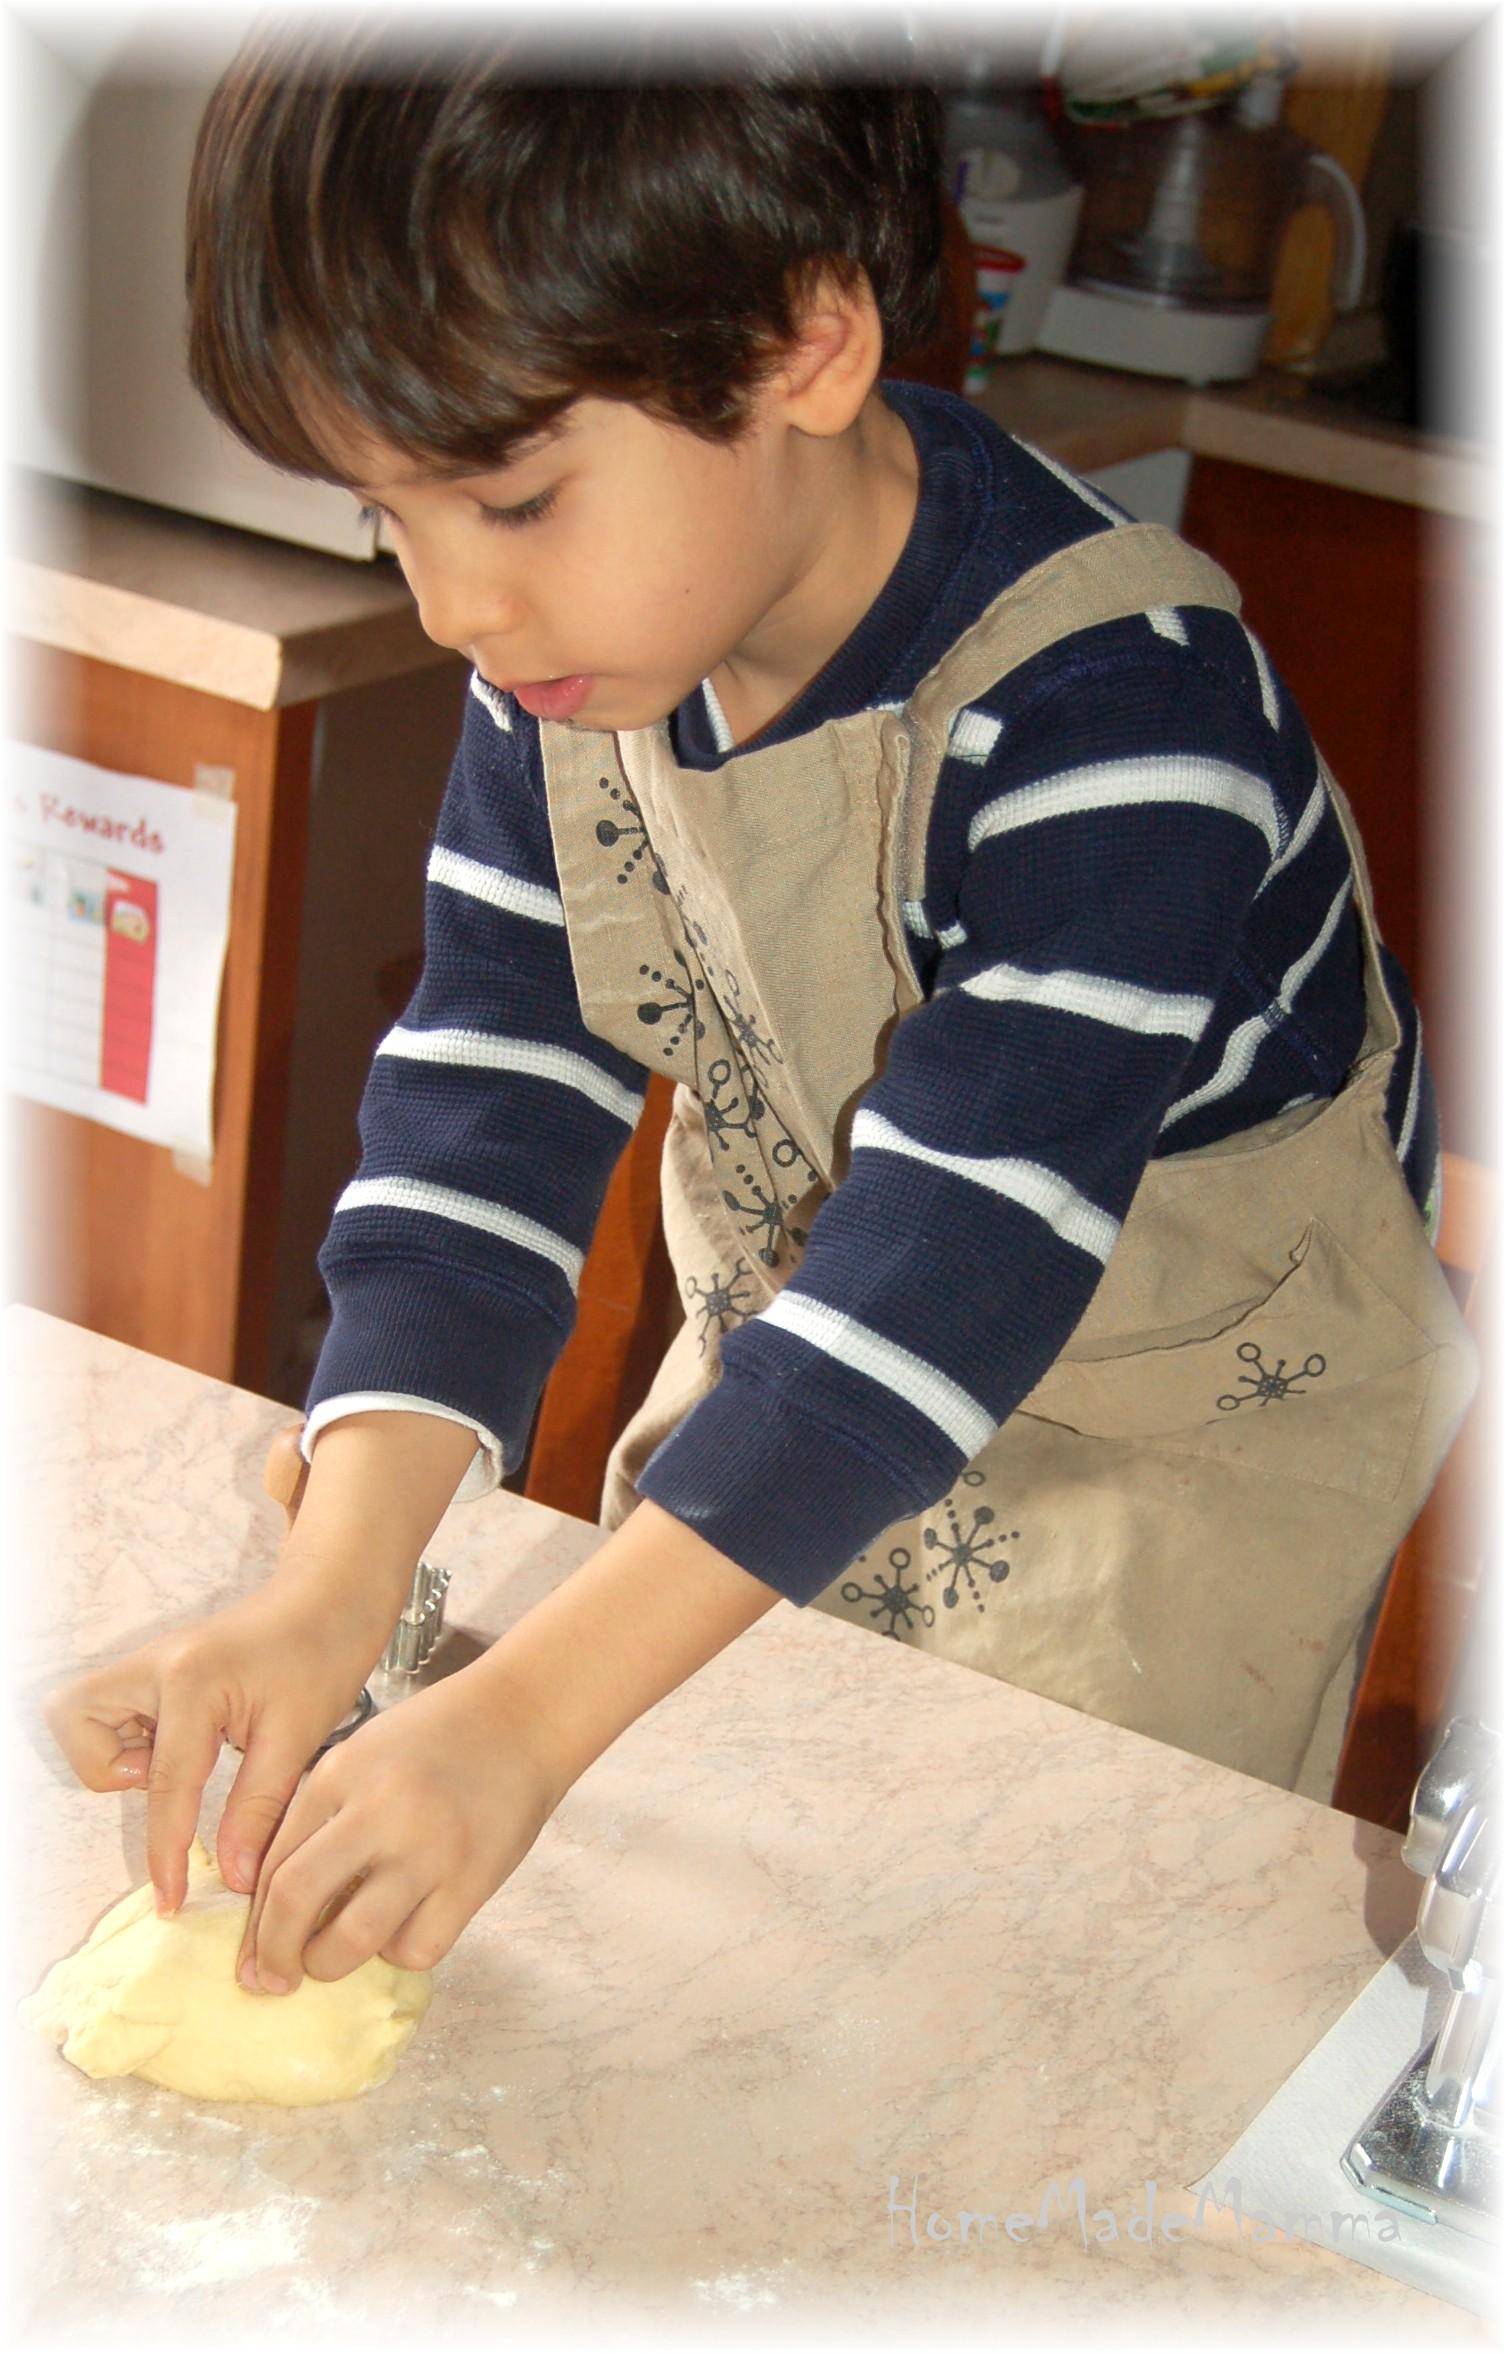 Cucina cucinare i cavolo - Cucinare il cavolo ...